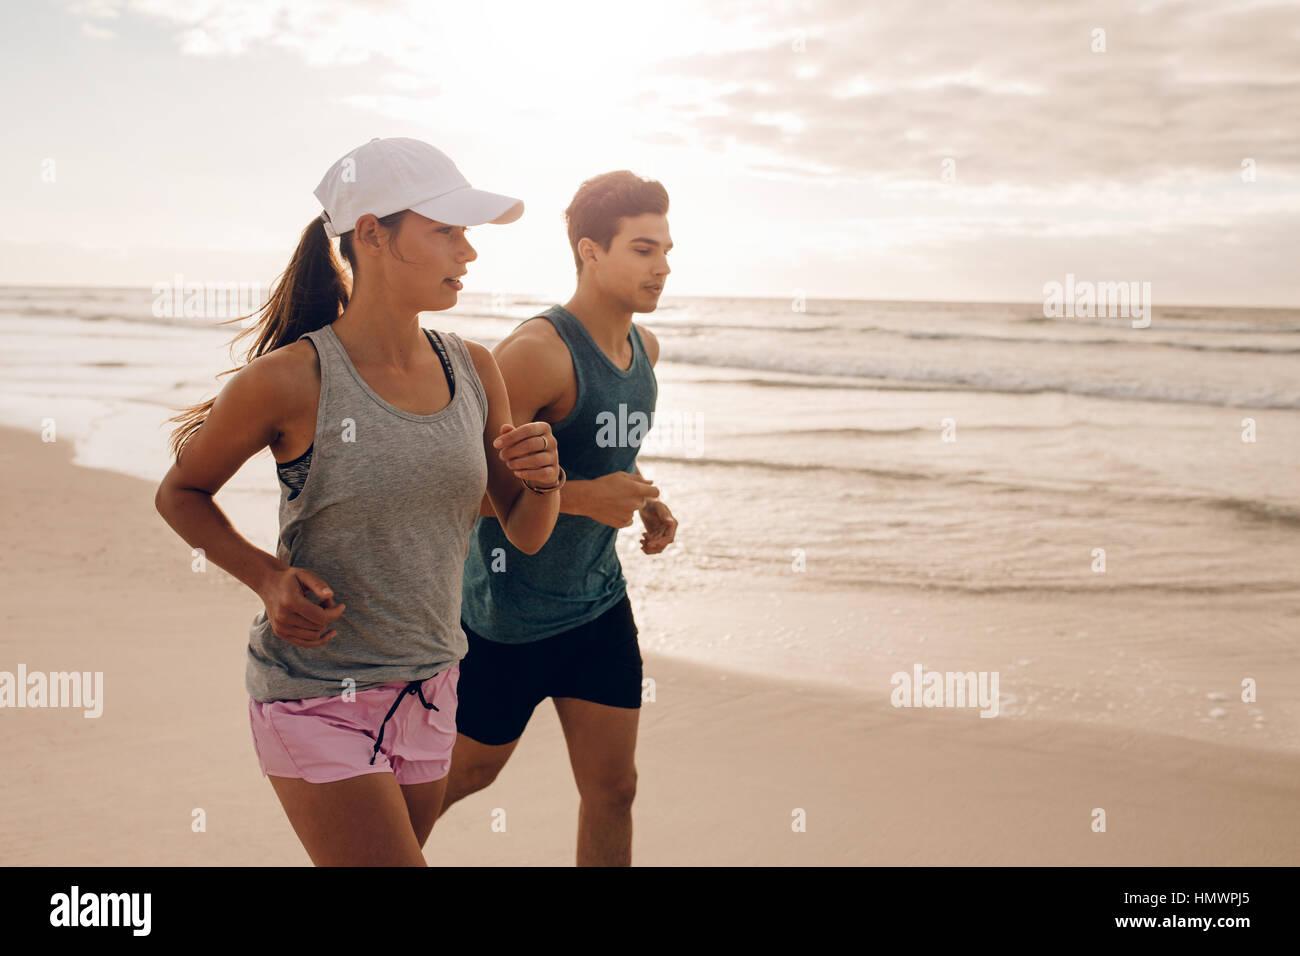 Pareja joven correr juntos en la playa. Disparó al aire libre de la joven pareja a correr por la mañana. Foto de stock